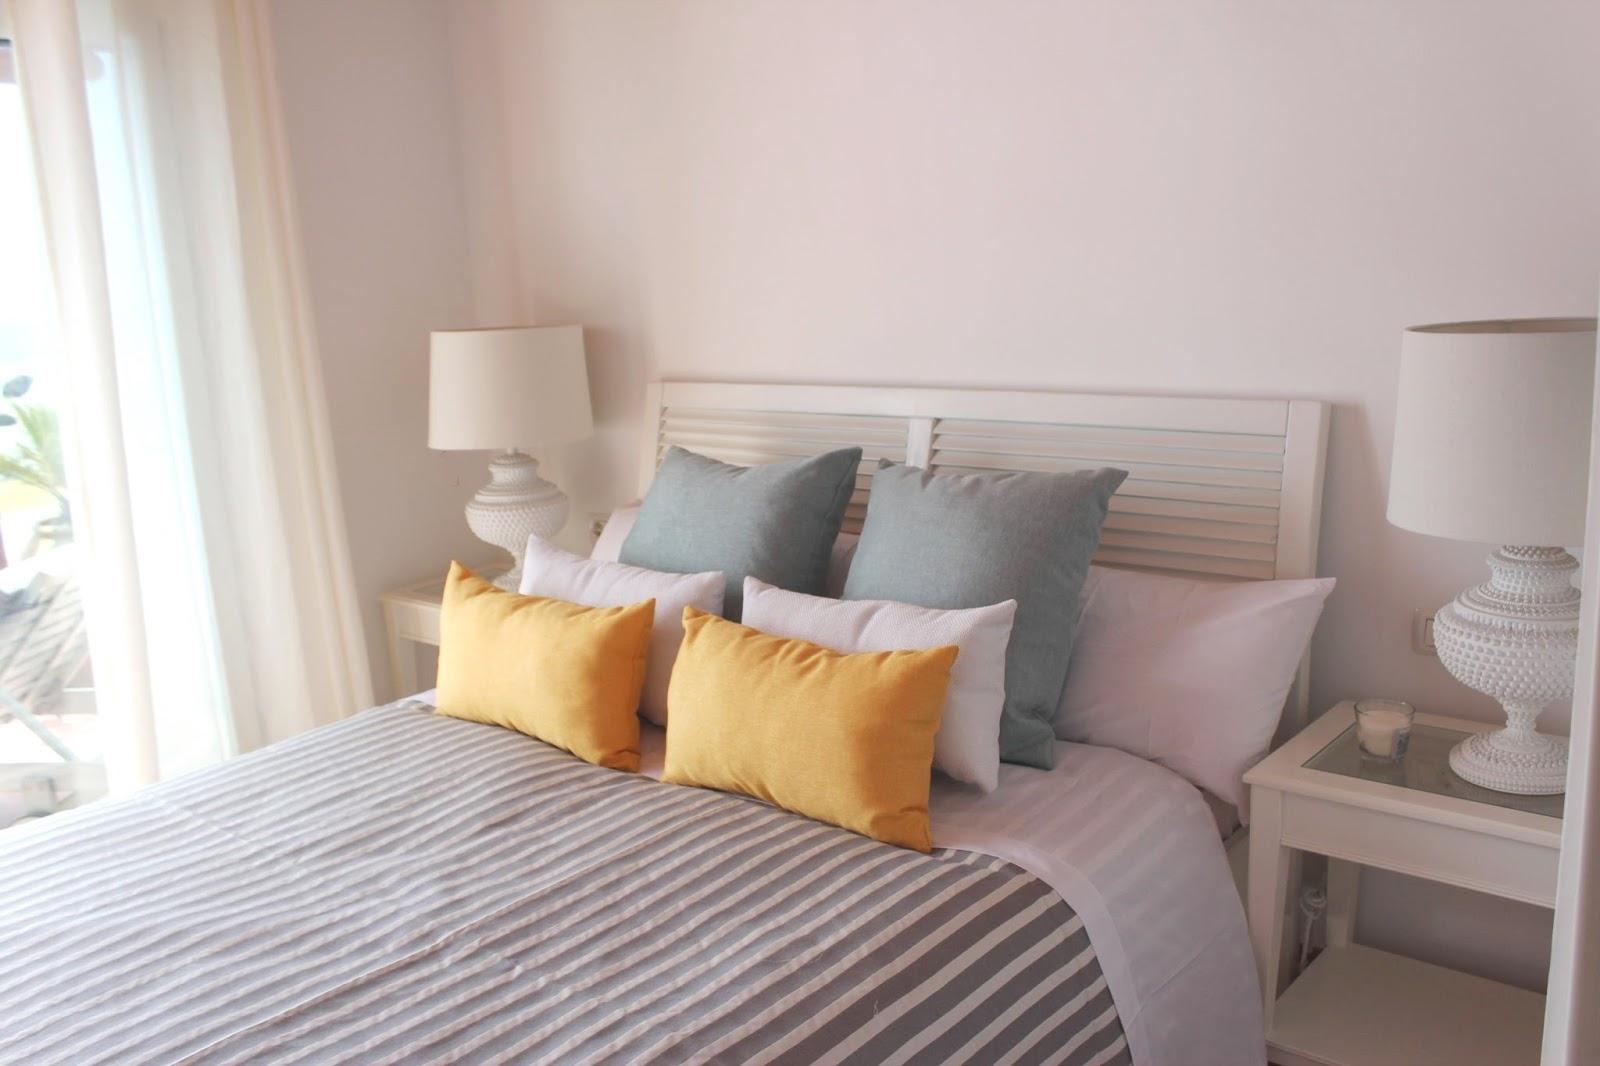 Tatiana doria decoraci n de viviendas habitaci n de - Habitacion de invitados ...